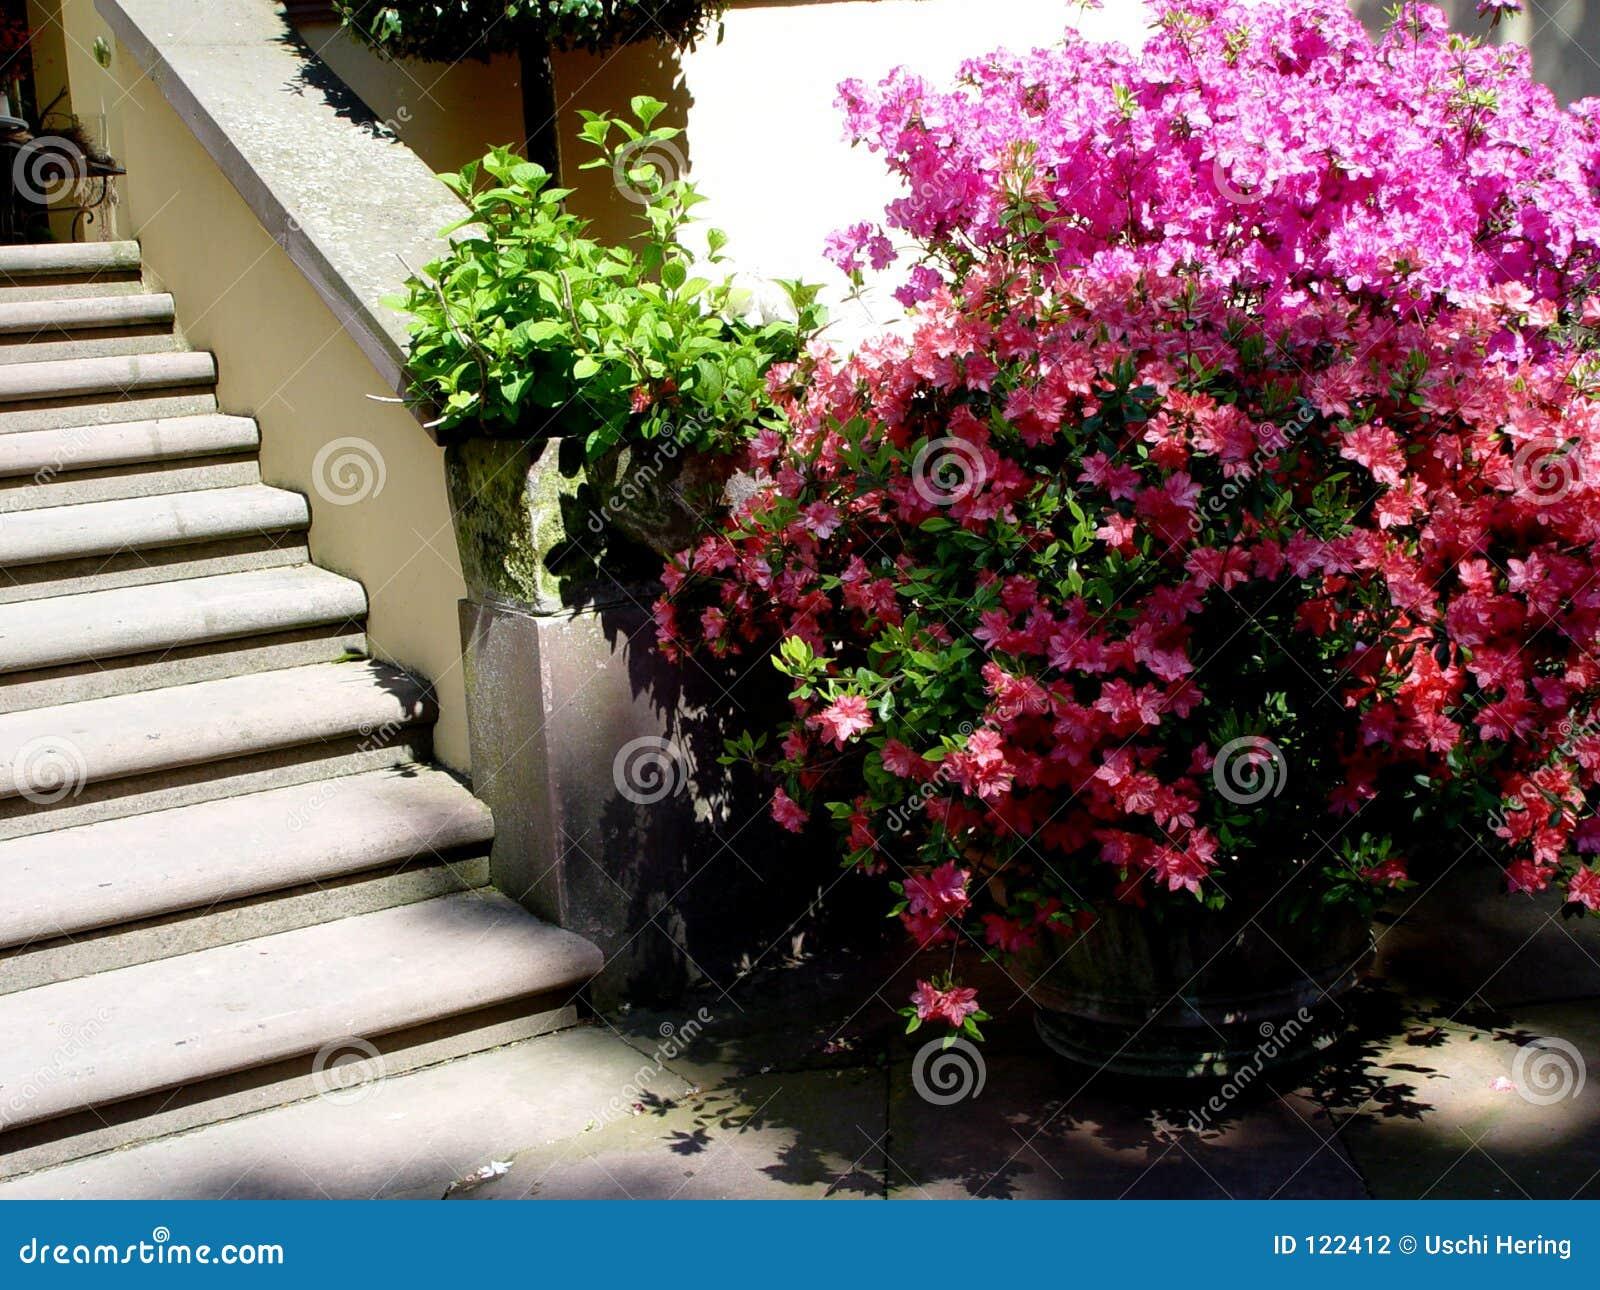 escaleras del jard n foto de archivo imagen de lugar On escaleras para caminar fuera del jardin